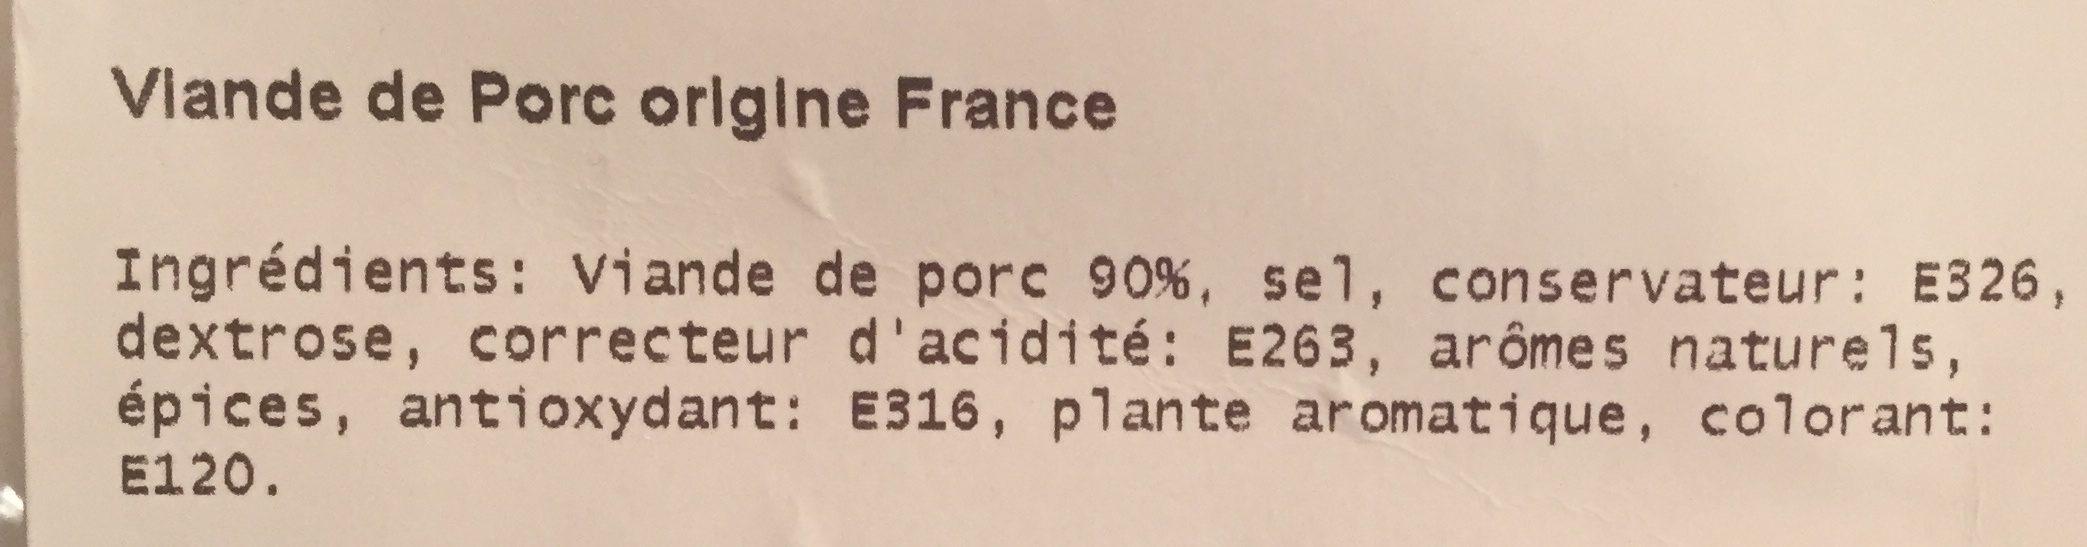 Chair pur porc - Ingrédients - fr